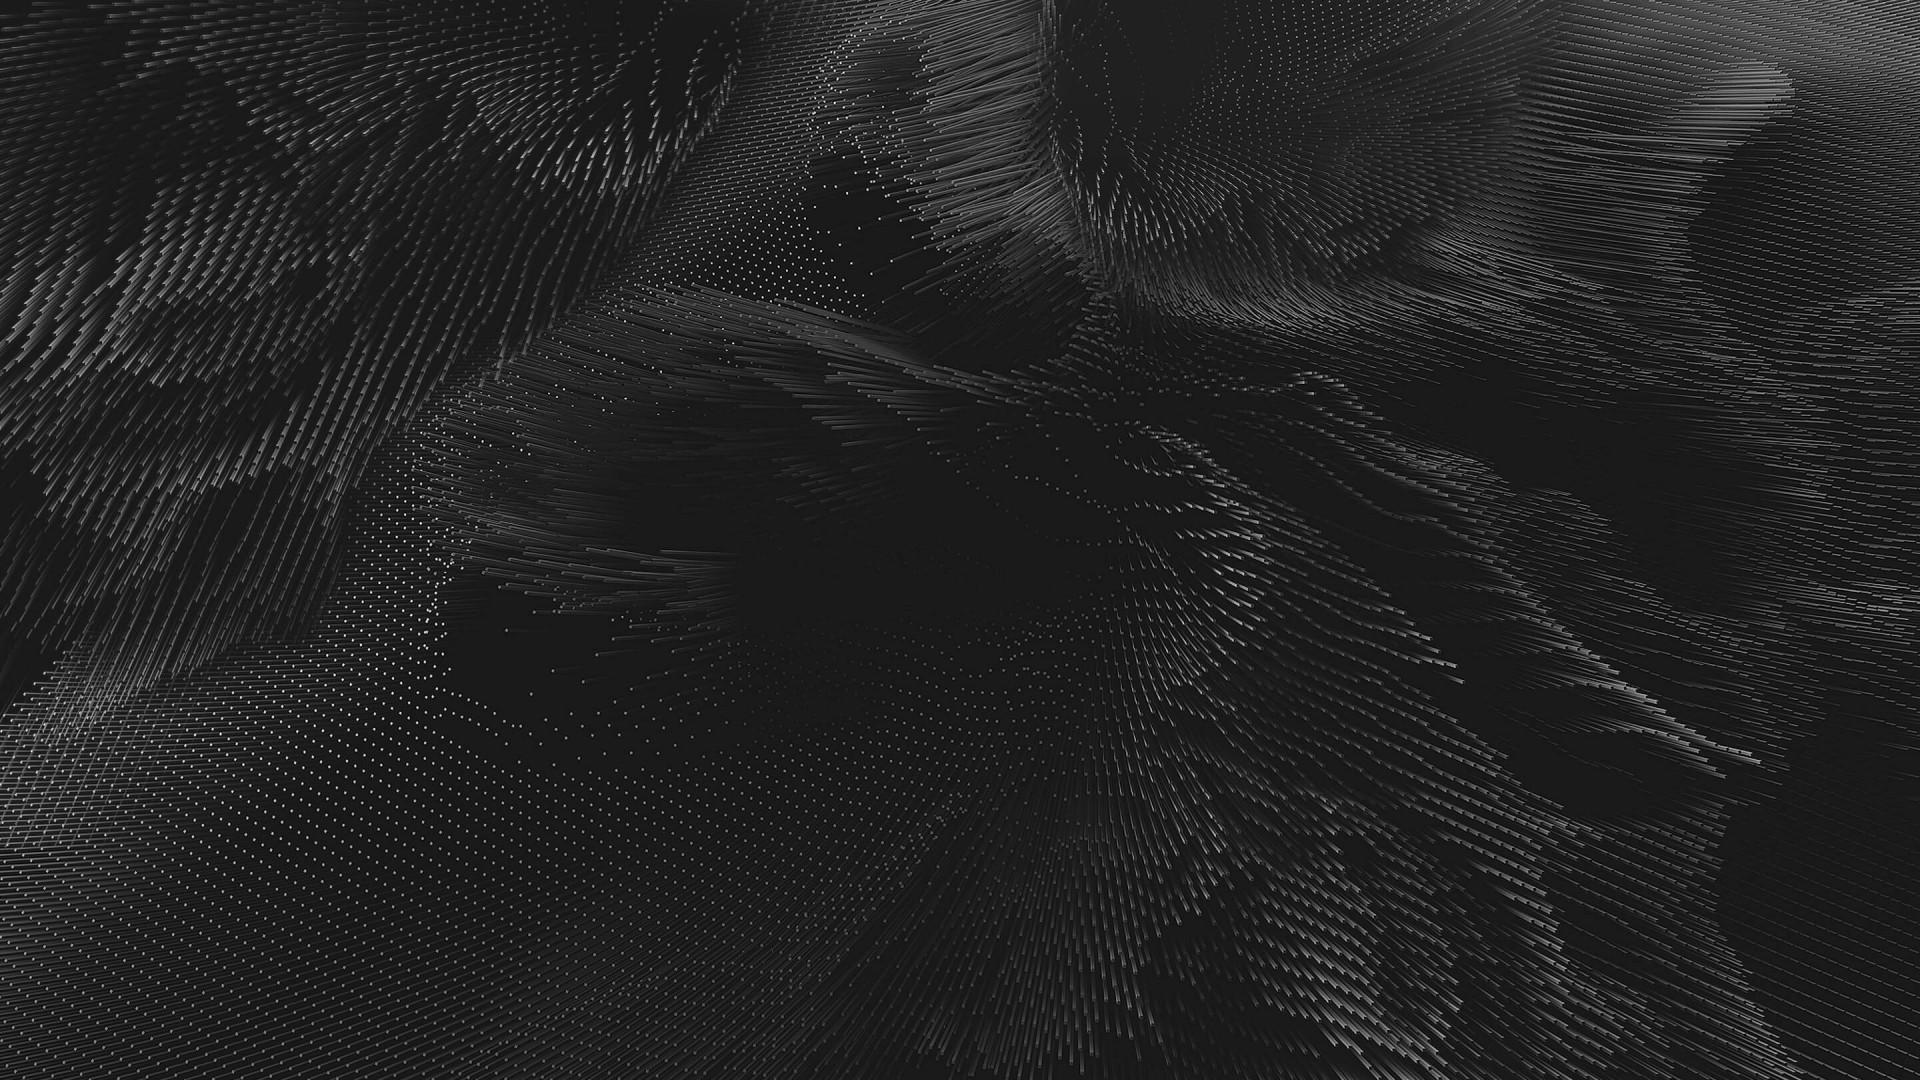 Fondos De Pantalla : Arte Digital, Monocromo, Oscuro